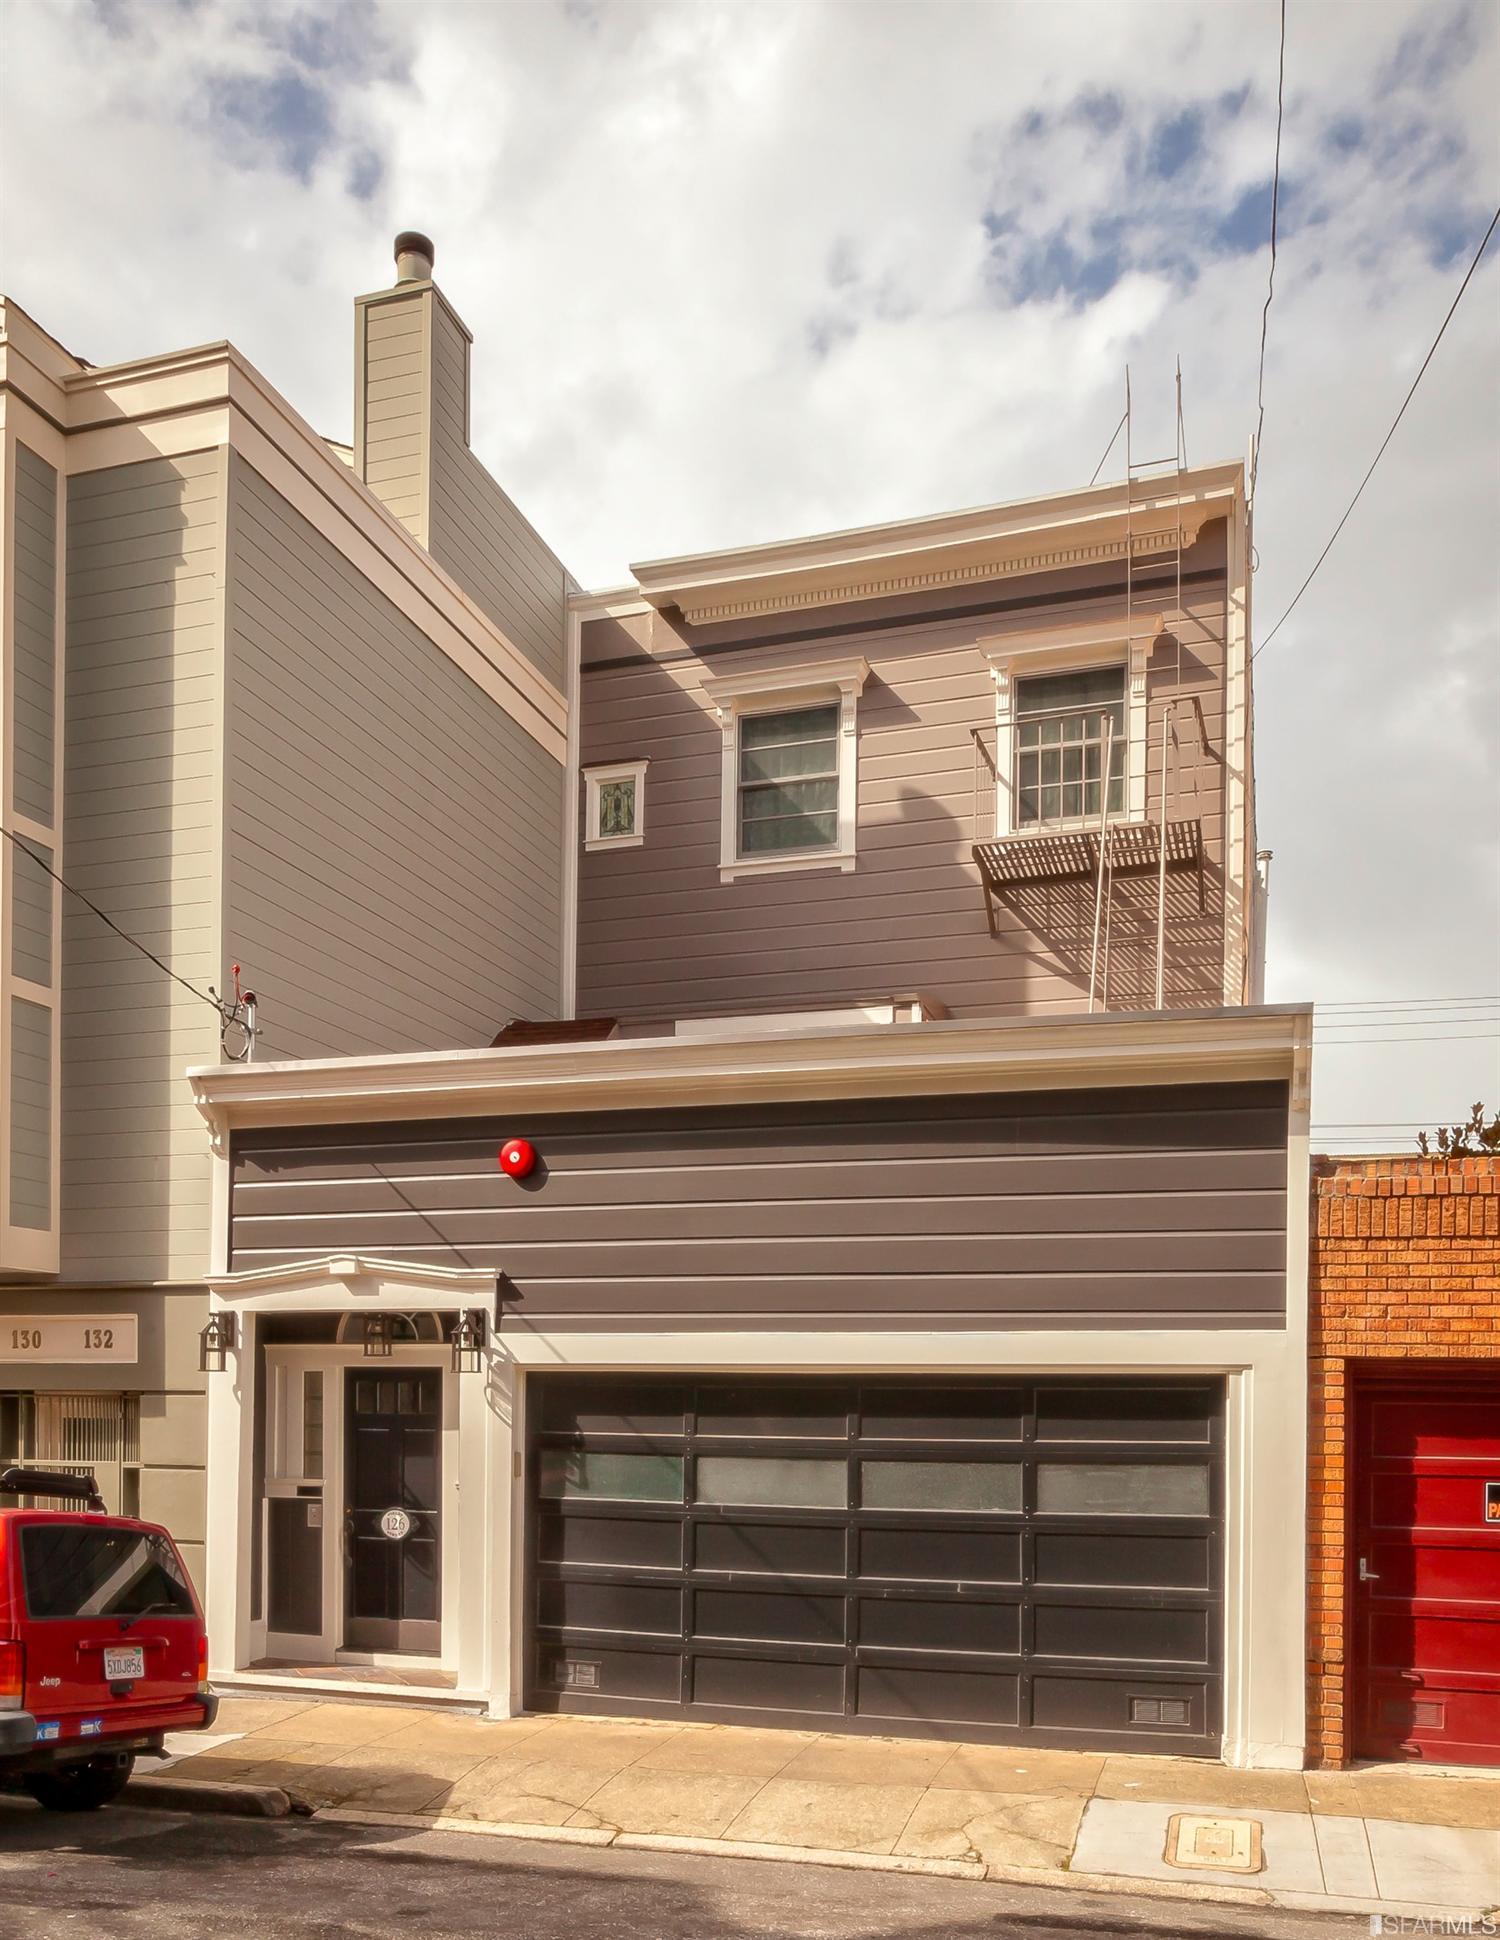 126 Pixley Street, San Francisco